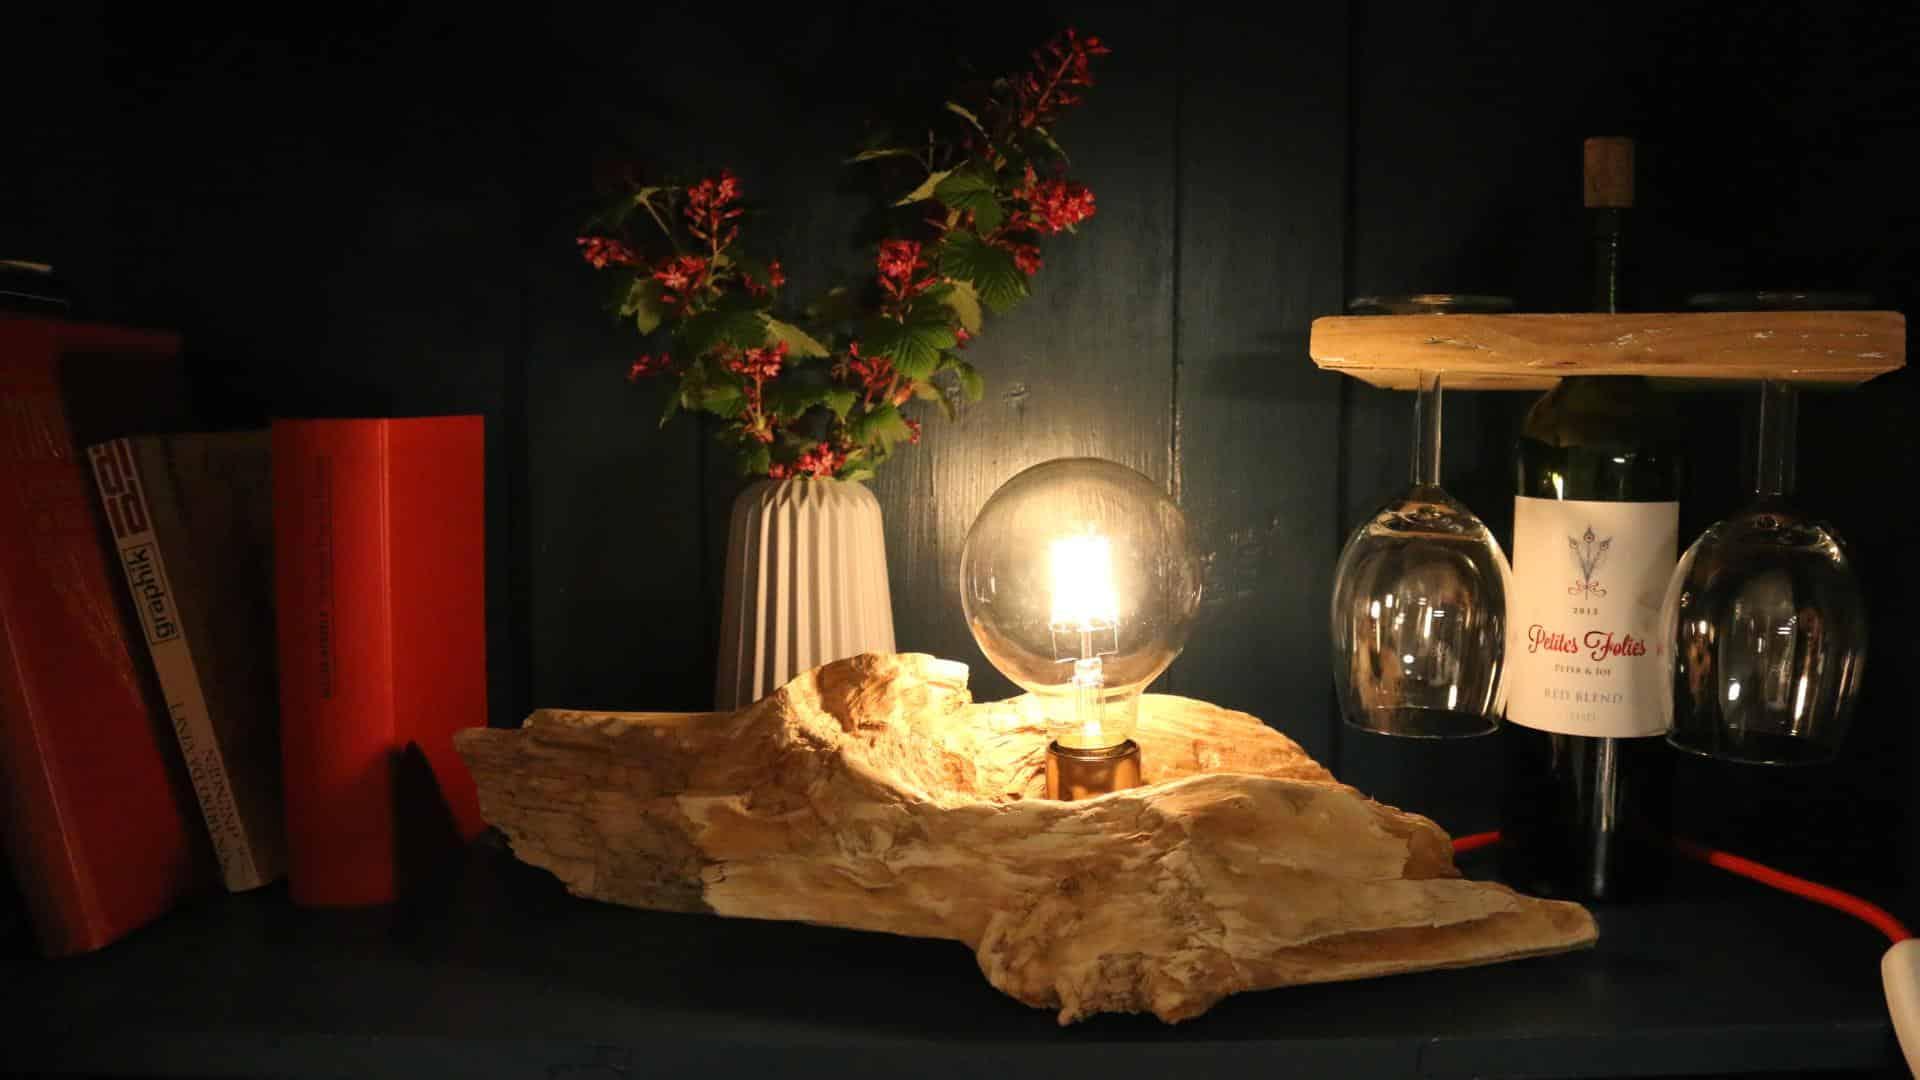 selbstgemachte wohnaccessoires diy einfach selber machen. Black Bedroom Furniture Sets. Home Design Ideas